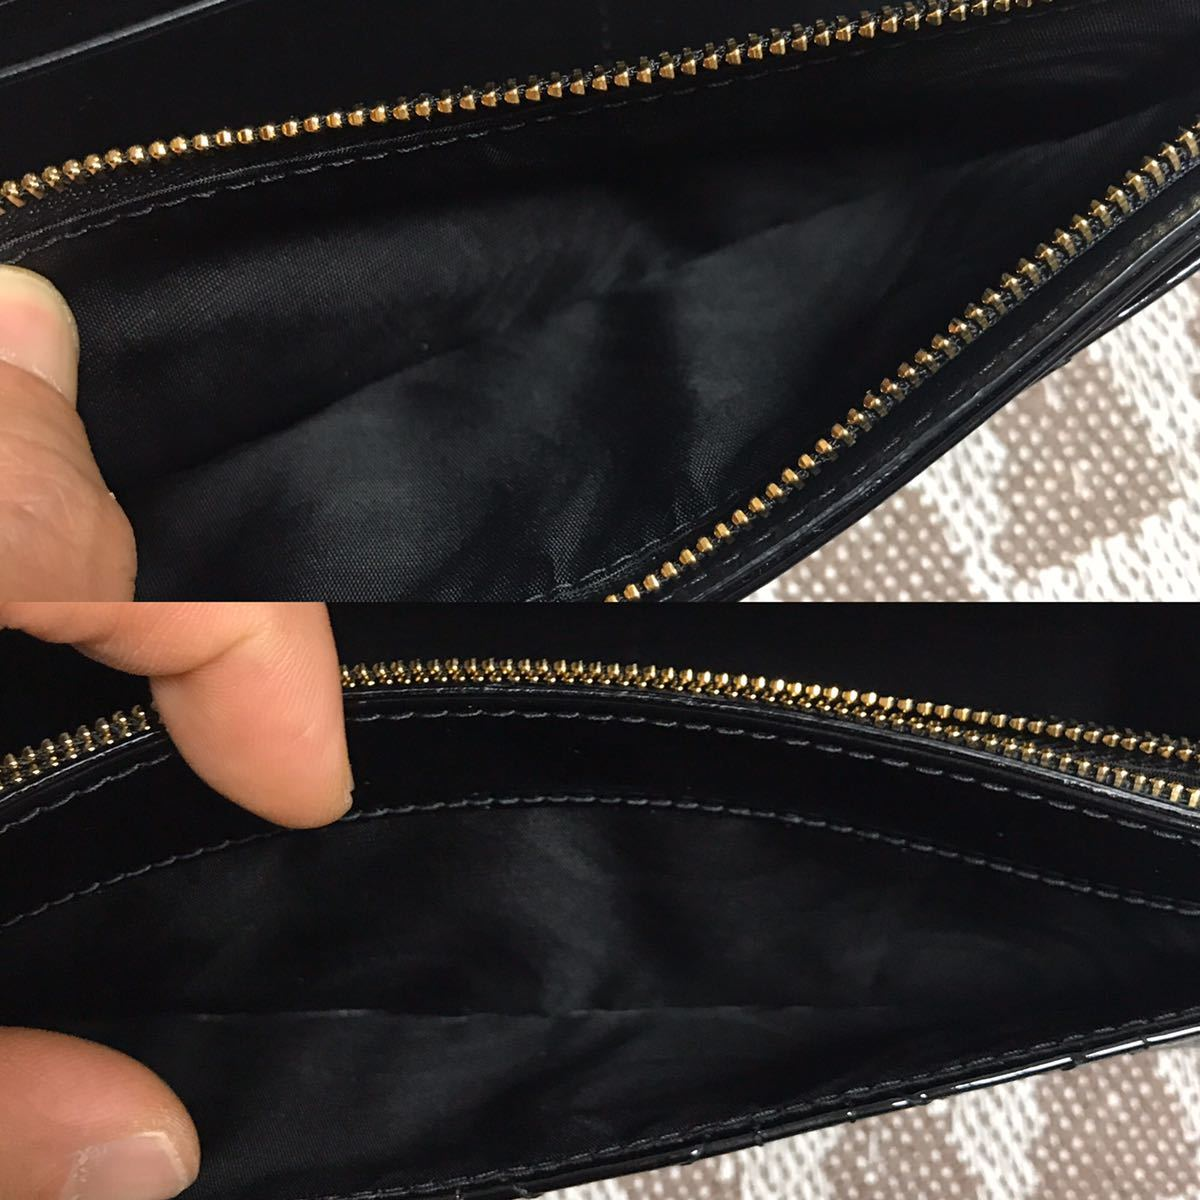 クリスチャンディオール 黒 ブラック 未使用品 チェーンウォレット パテント Christian Dior ゴールド 長財布 ショルダーバッグ_画像8